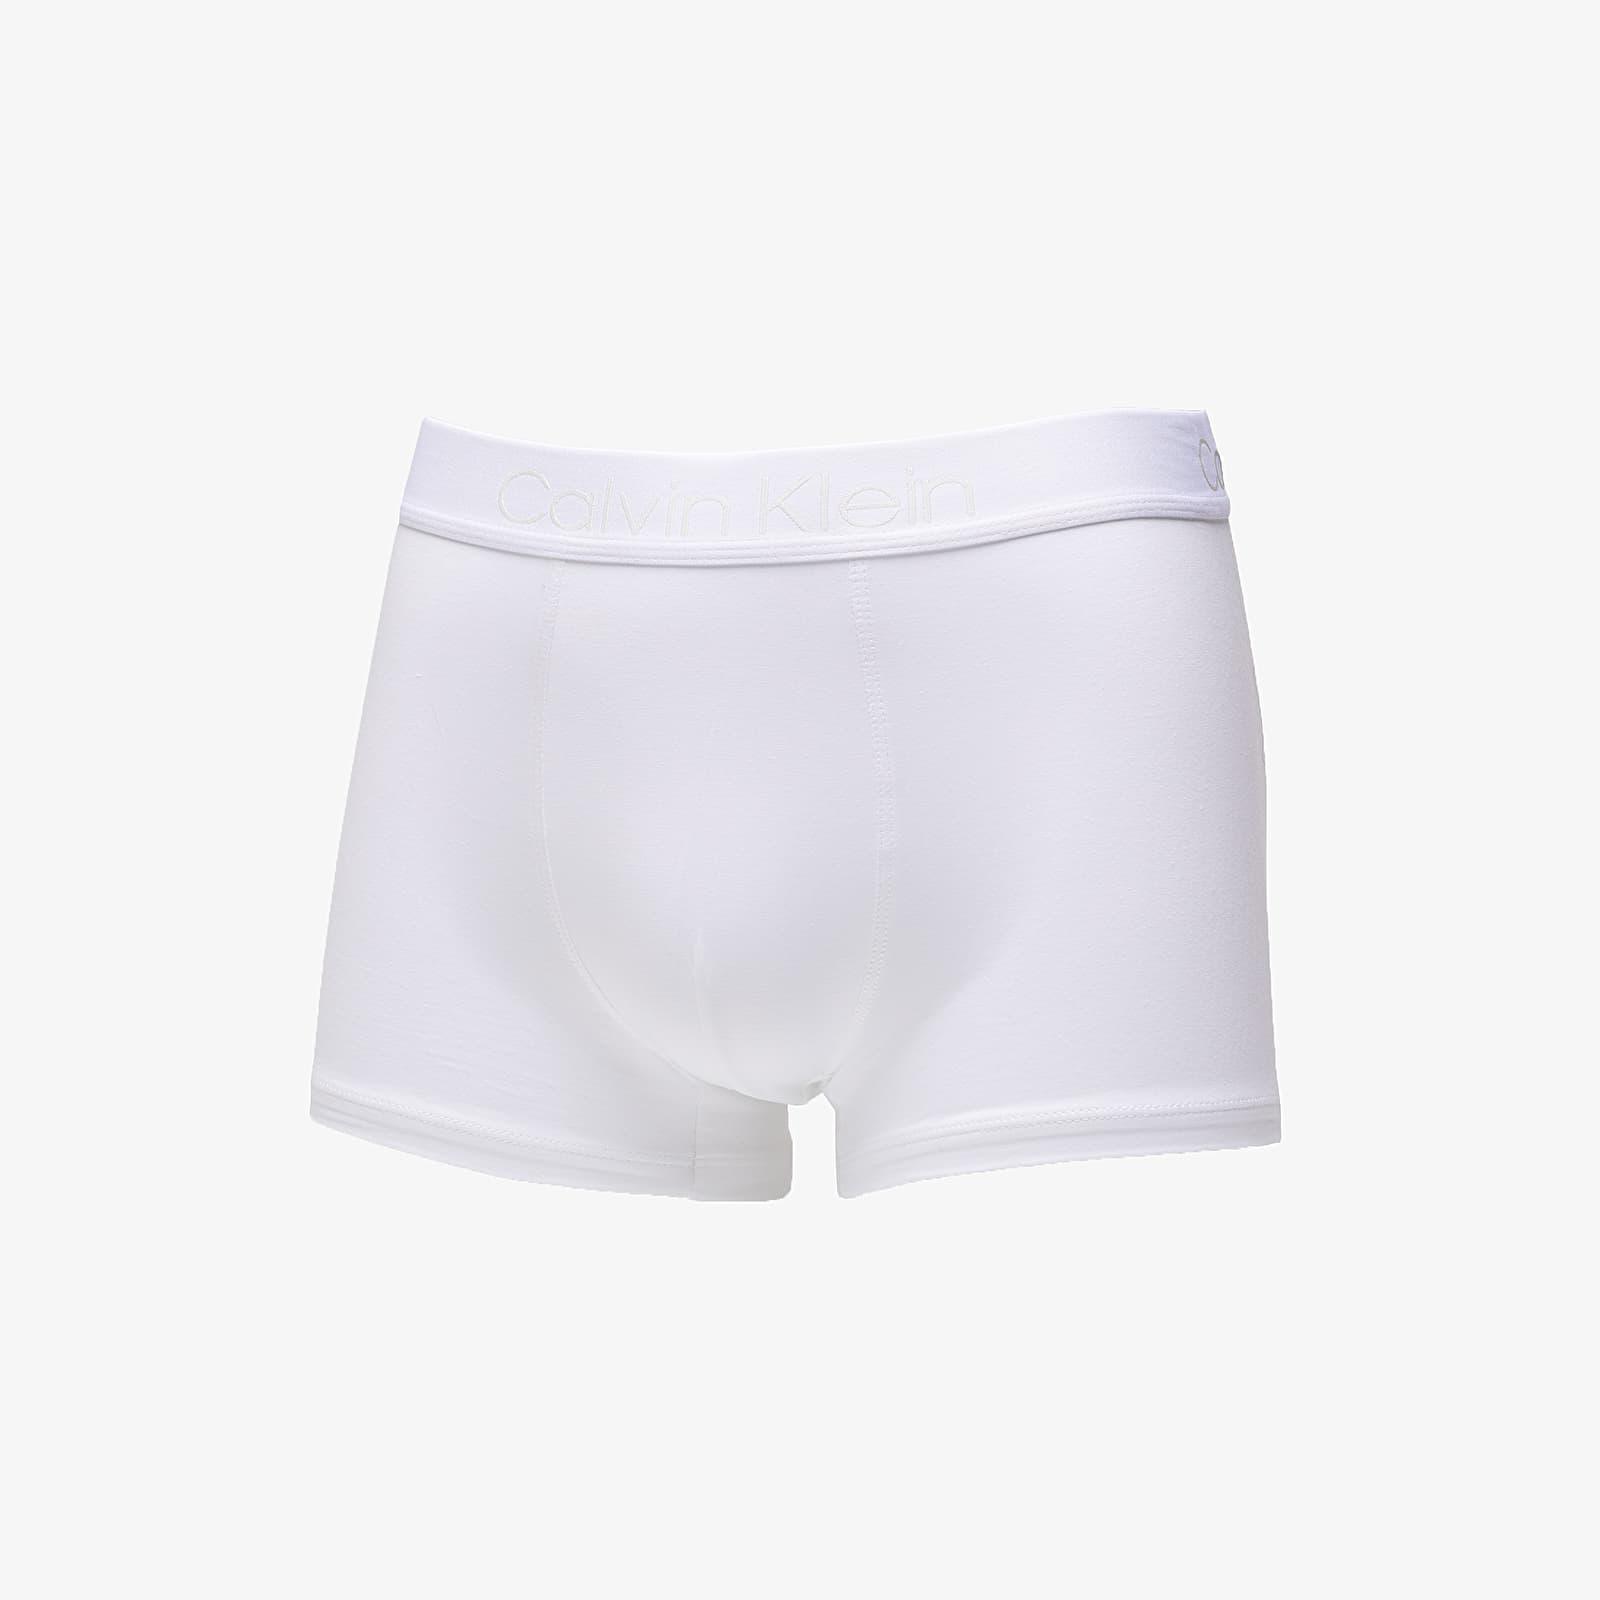 Boxershorts Calvin Klein Trunk White